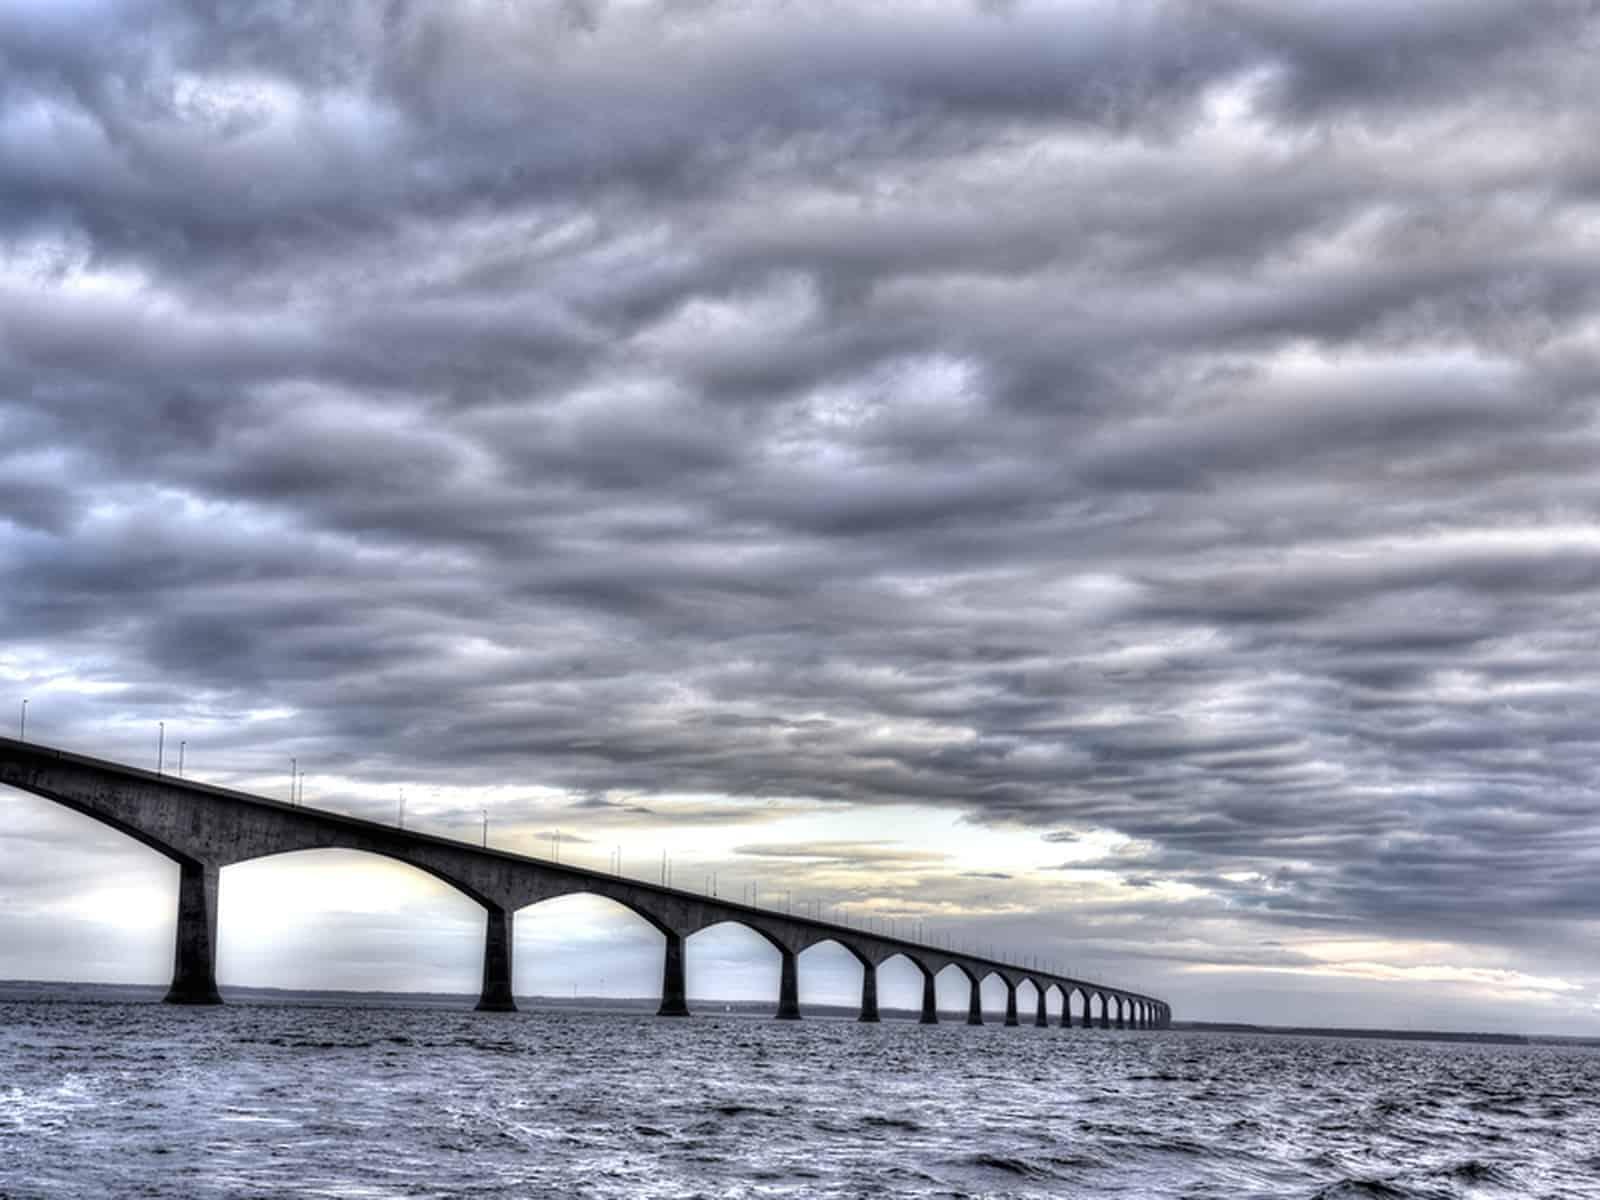 Bis heute zählt die Confederation Bridge als eine der größten Meisterleistungen kanadischer Ingenieurskunst.